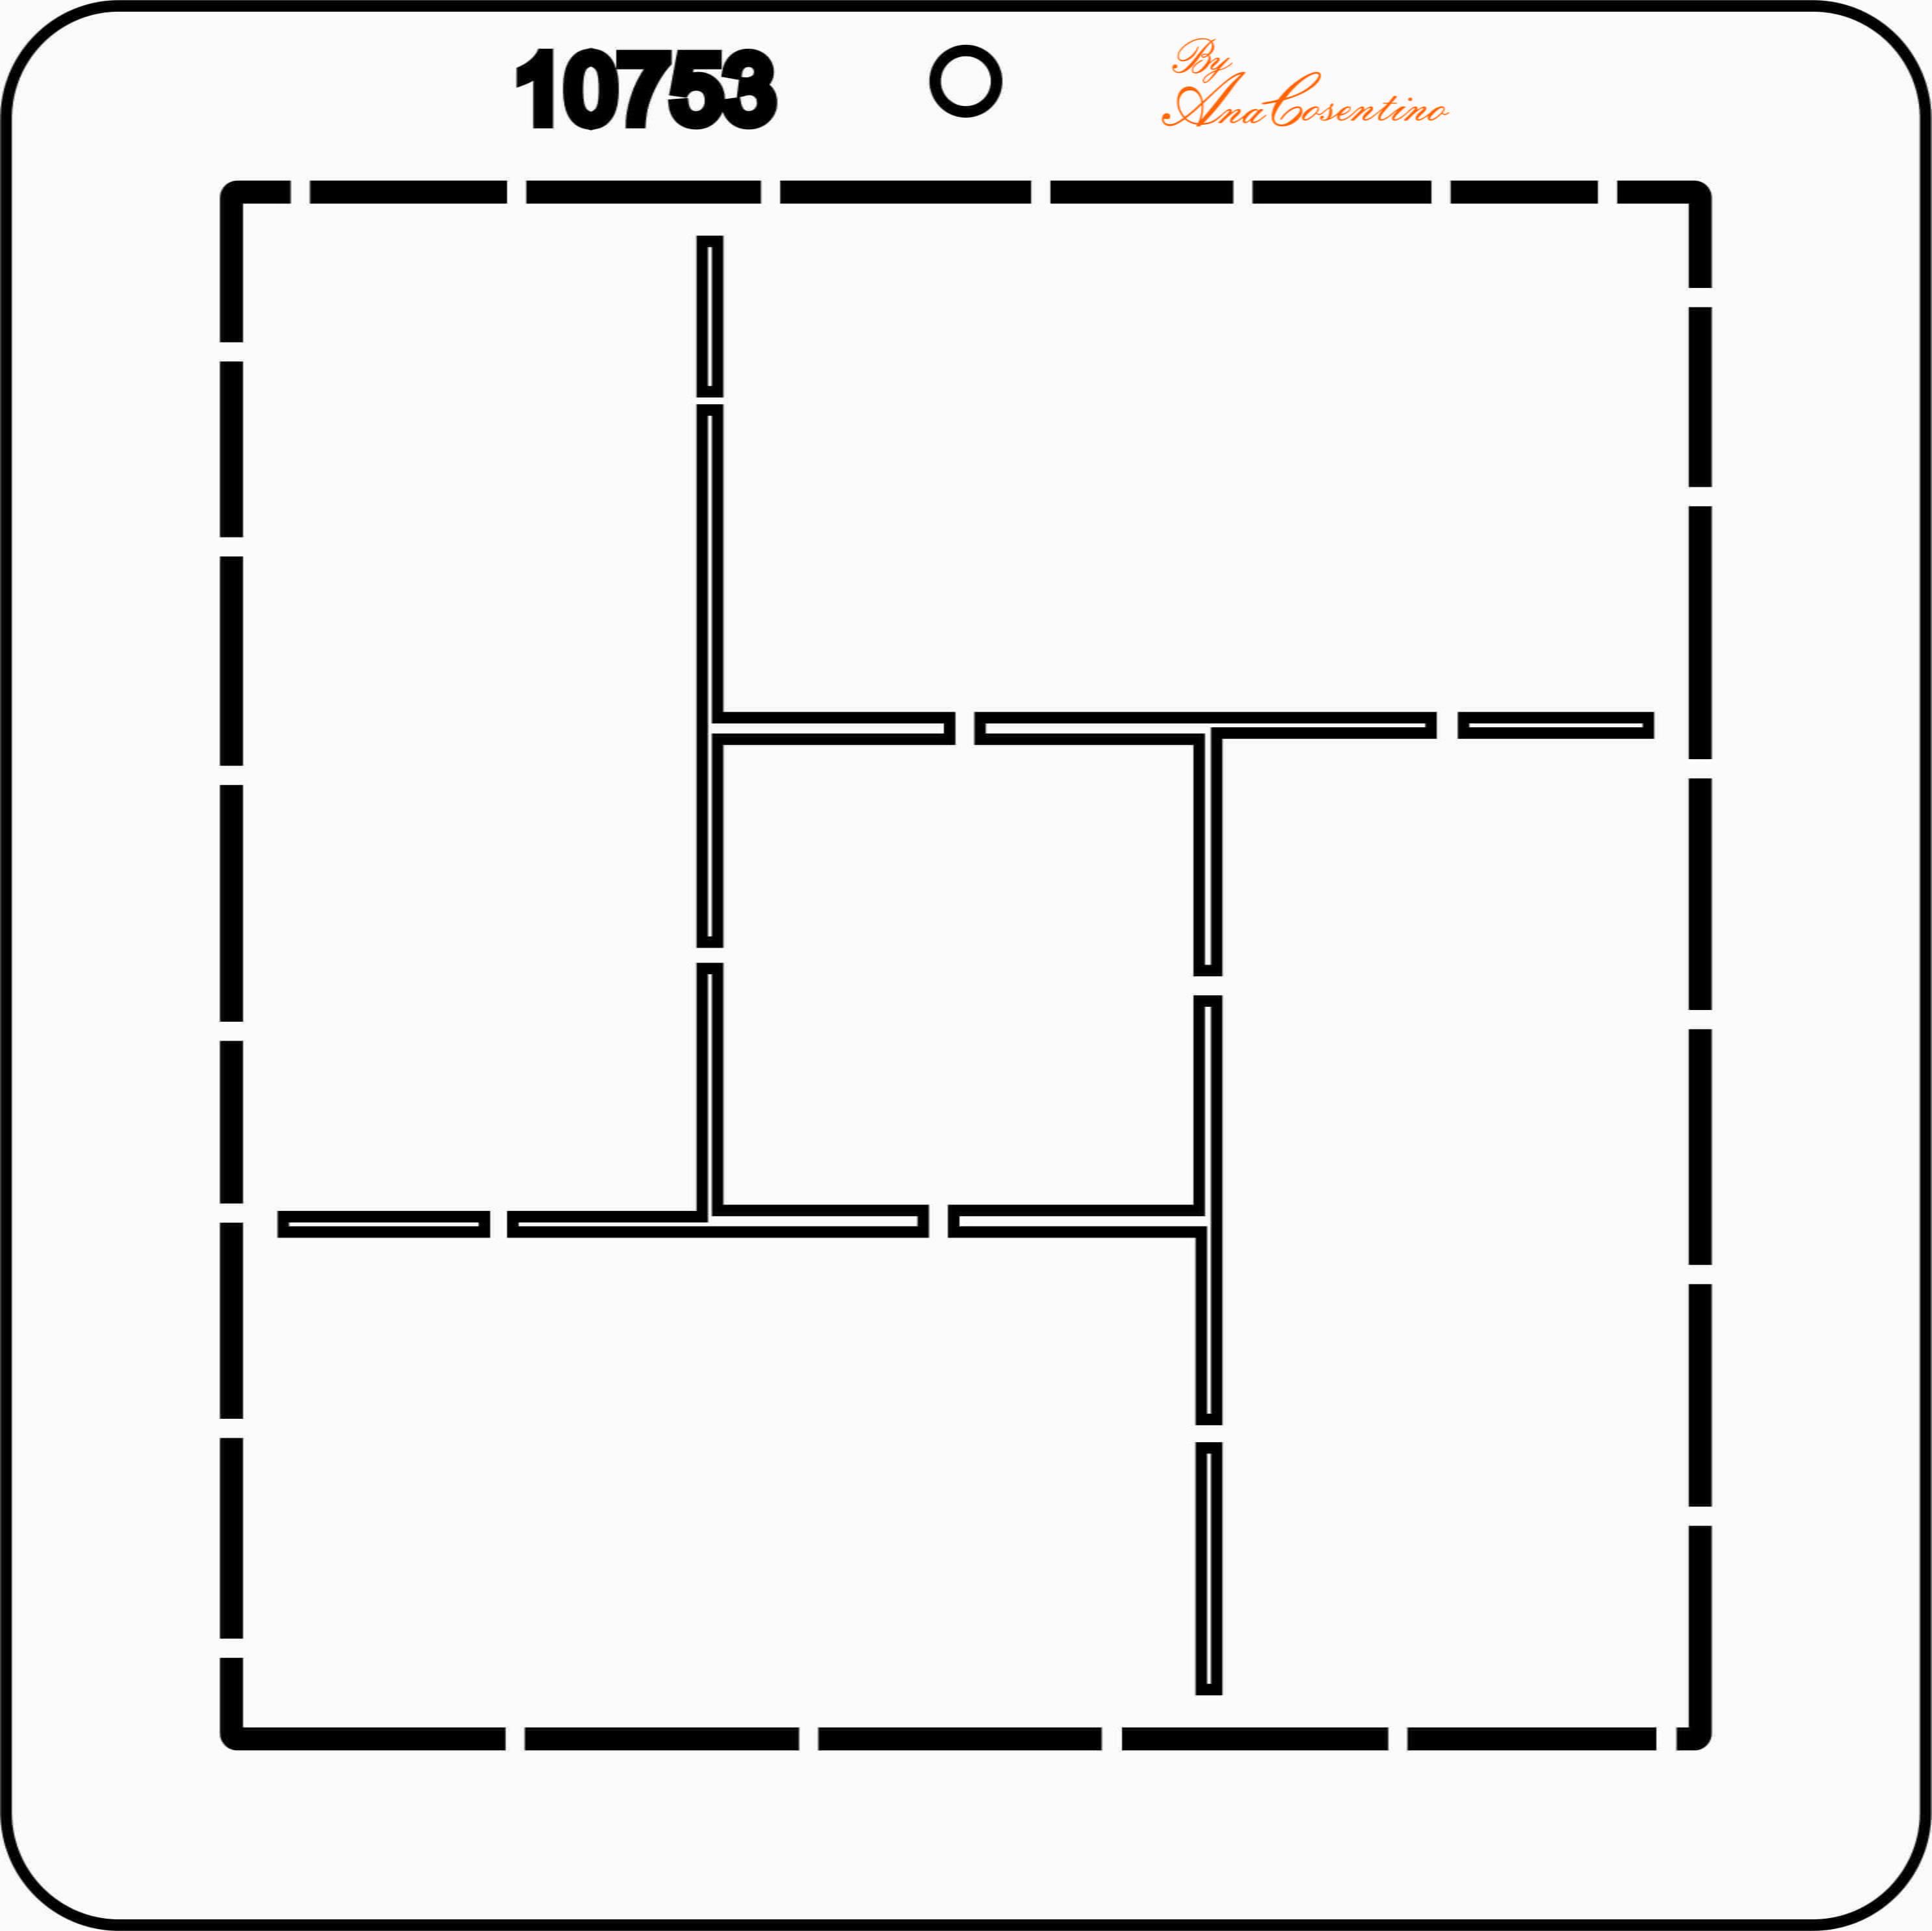 Estêncil de Quilting Diretrizes - 10753